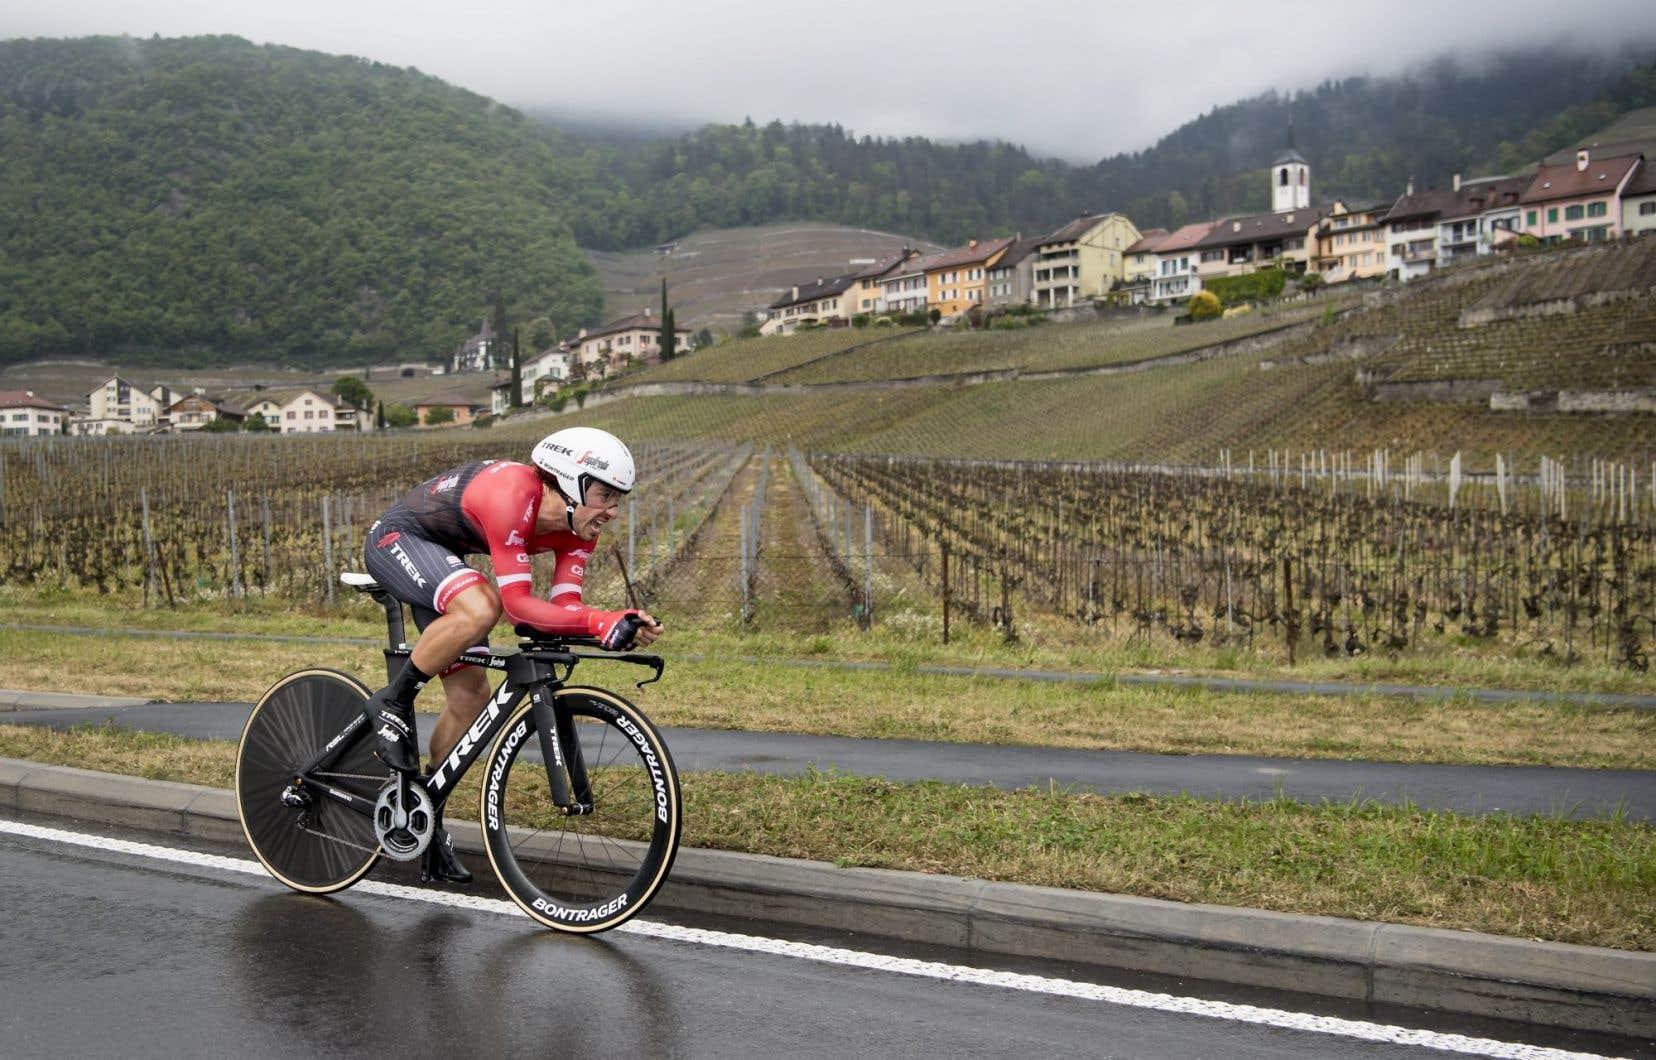 Le vainqueur Fabio Felline en action pendant le prologue, une course de 4,80 km contre la montre au 71e Tour de Romandie à Aigle, en Suisse.